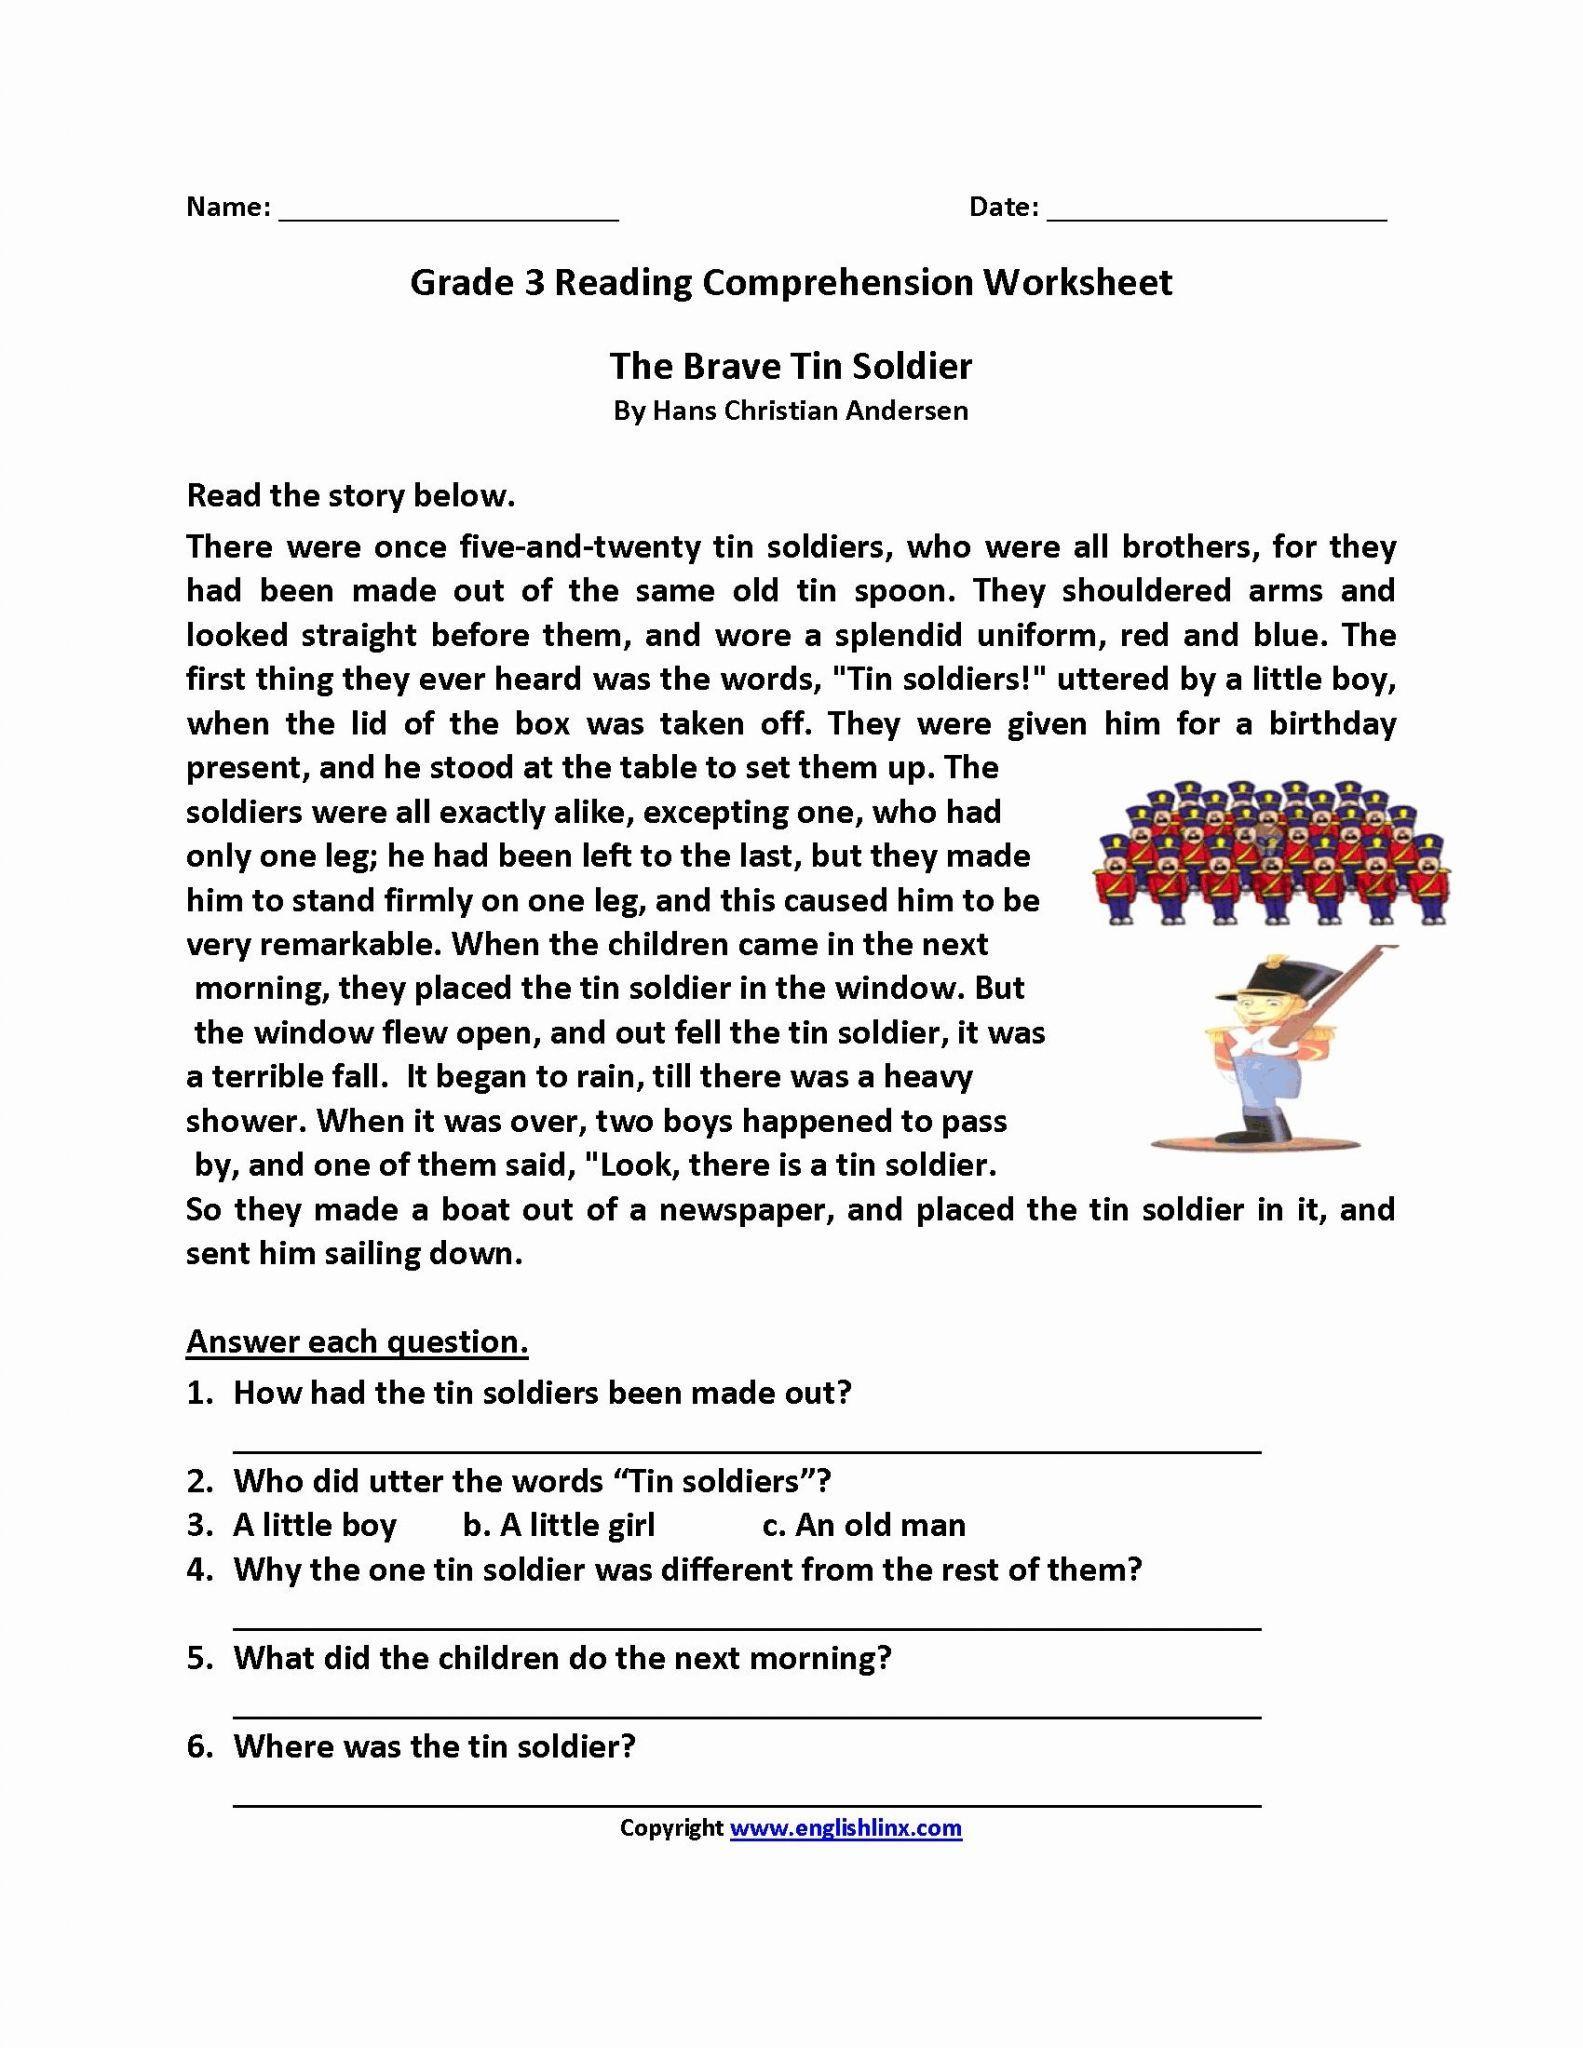 Comprehension Worksheets for Grade 6 2nd Grade Reading Prehension Worksheets Pdf for Free 2nd